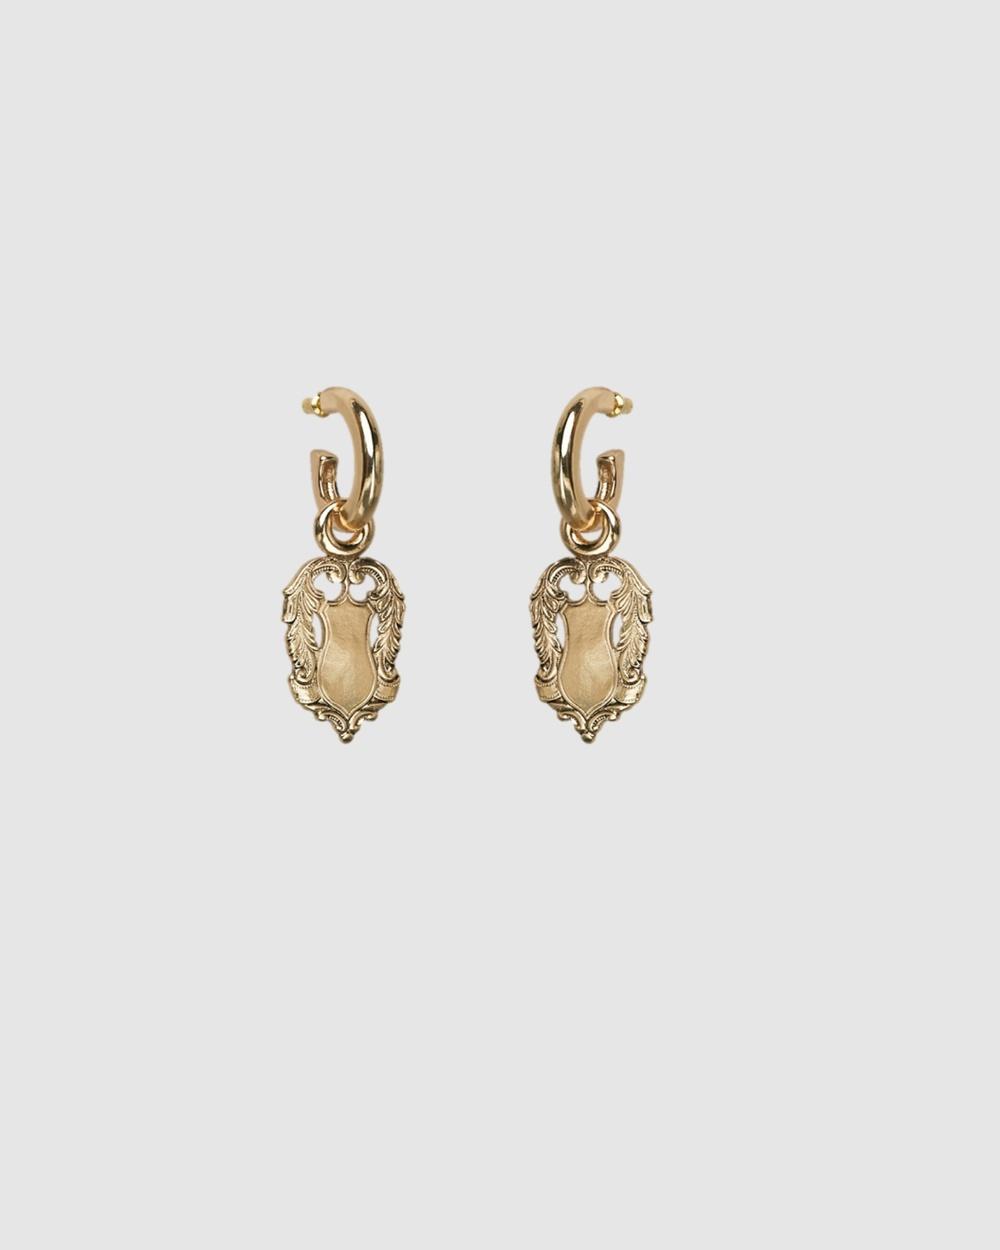 Kitte Amulet Earrings Jewellery Gold